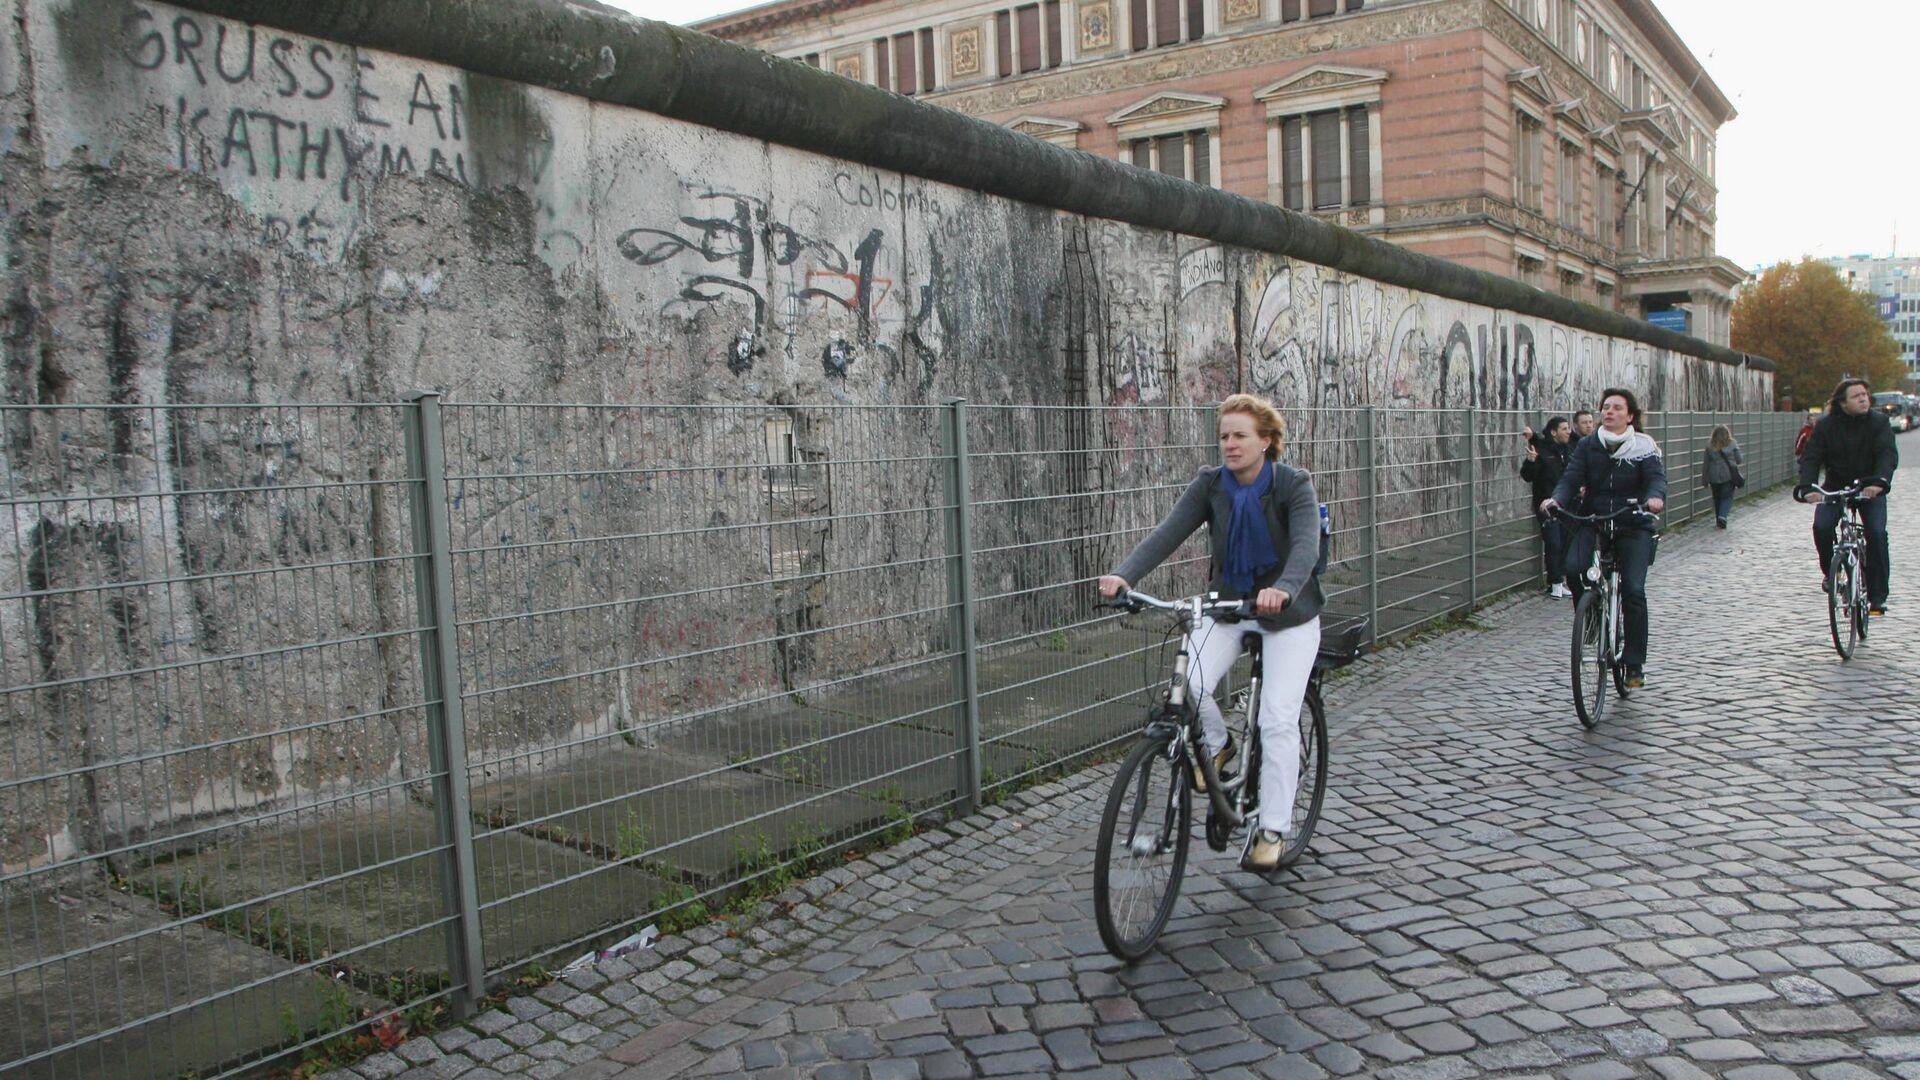 Parte del muro de Berlín - Sputnik Mundo, 1920, 13.08.2021